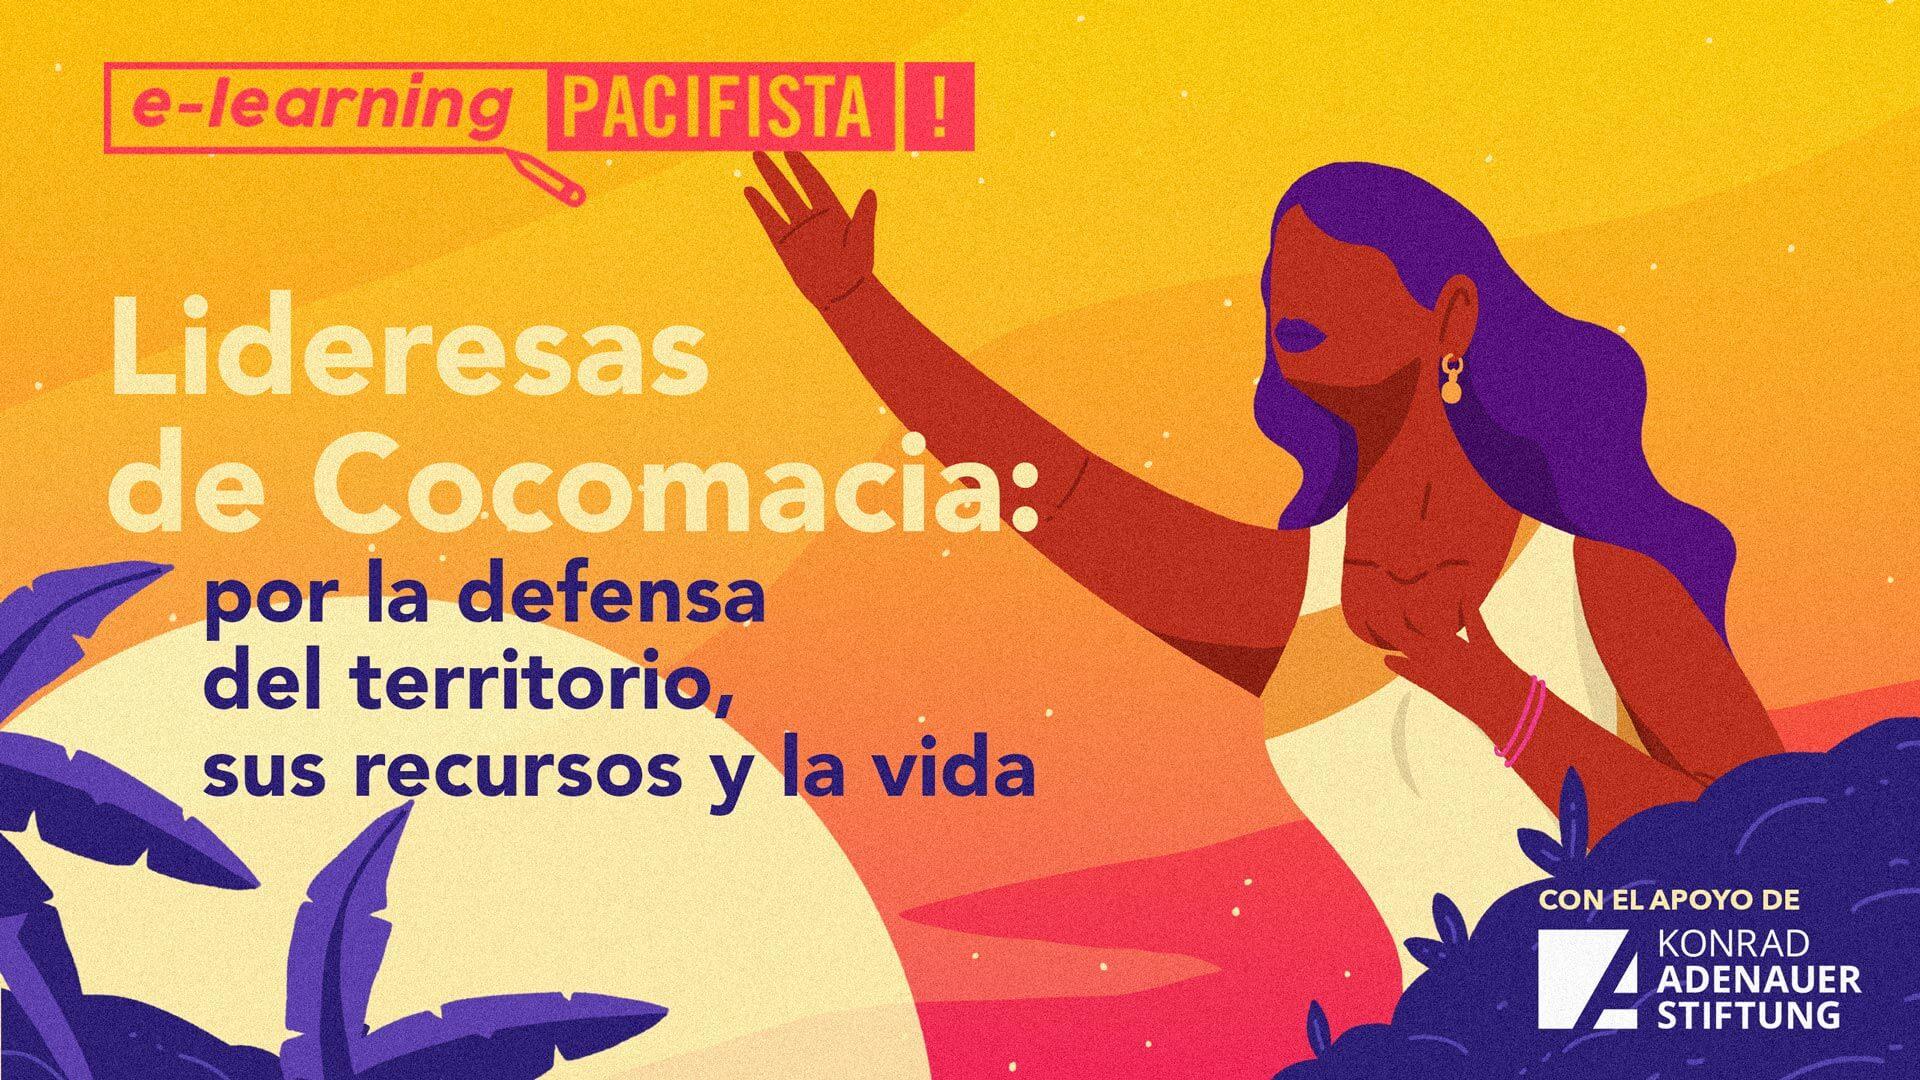 Lideresas de Cocomacia: por la defensa del territorio, sus recursos y la vida